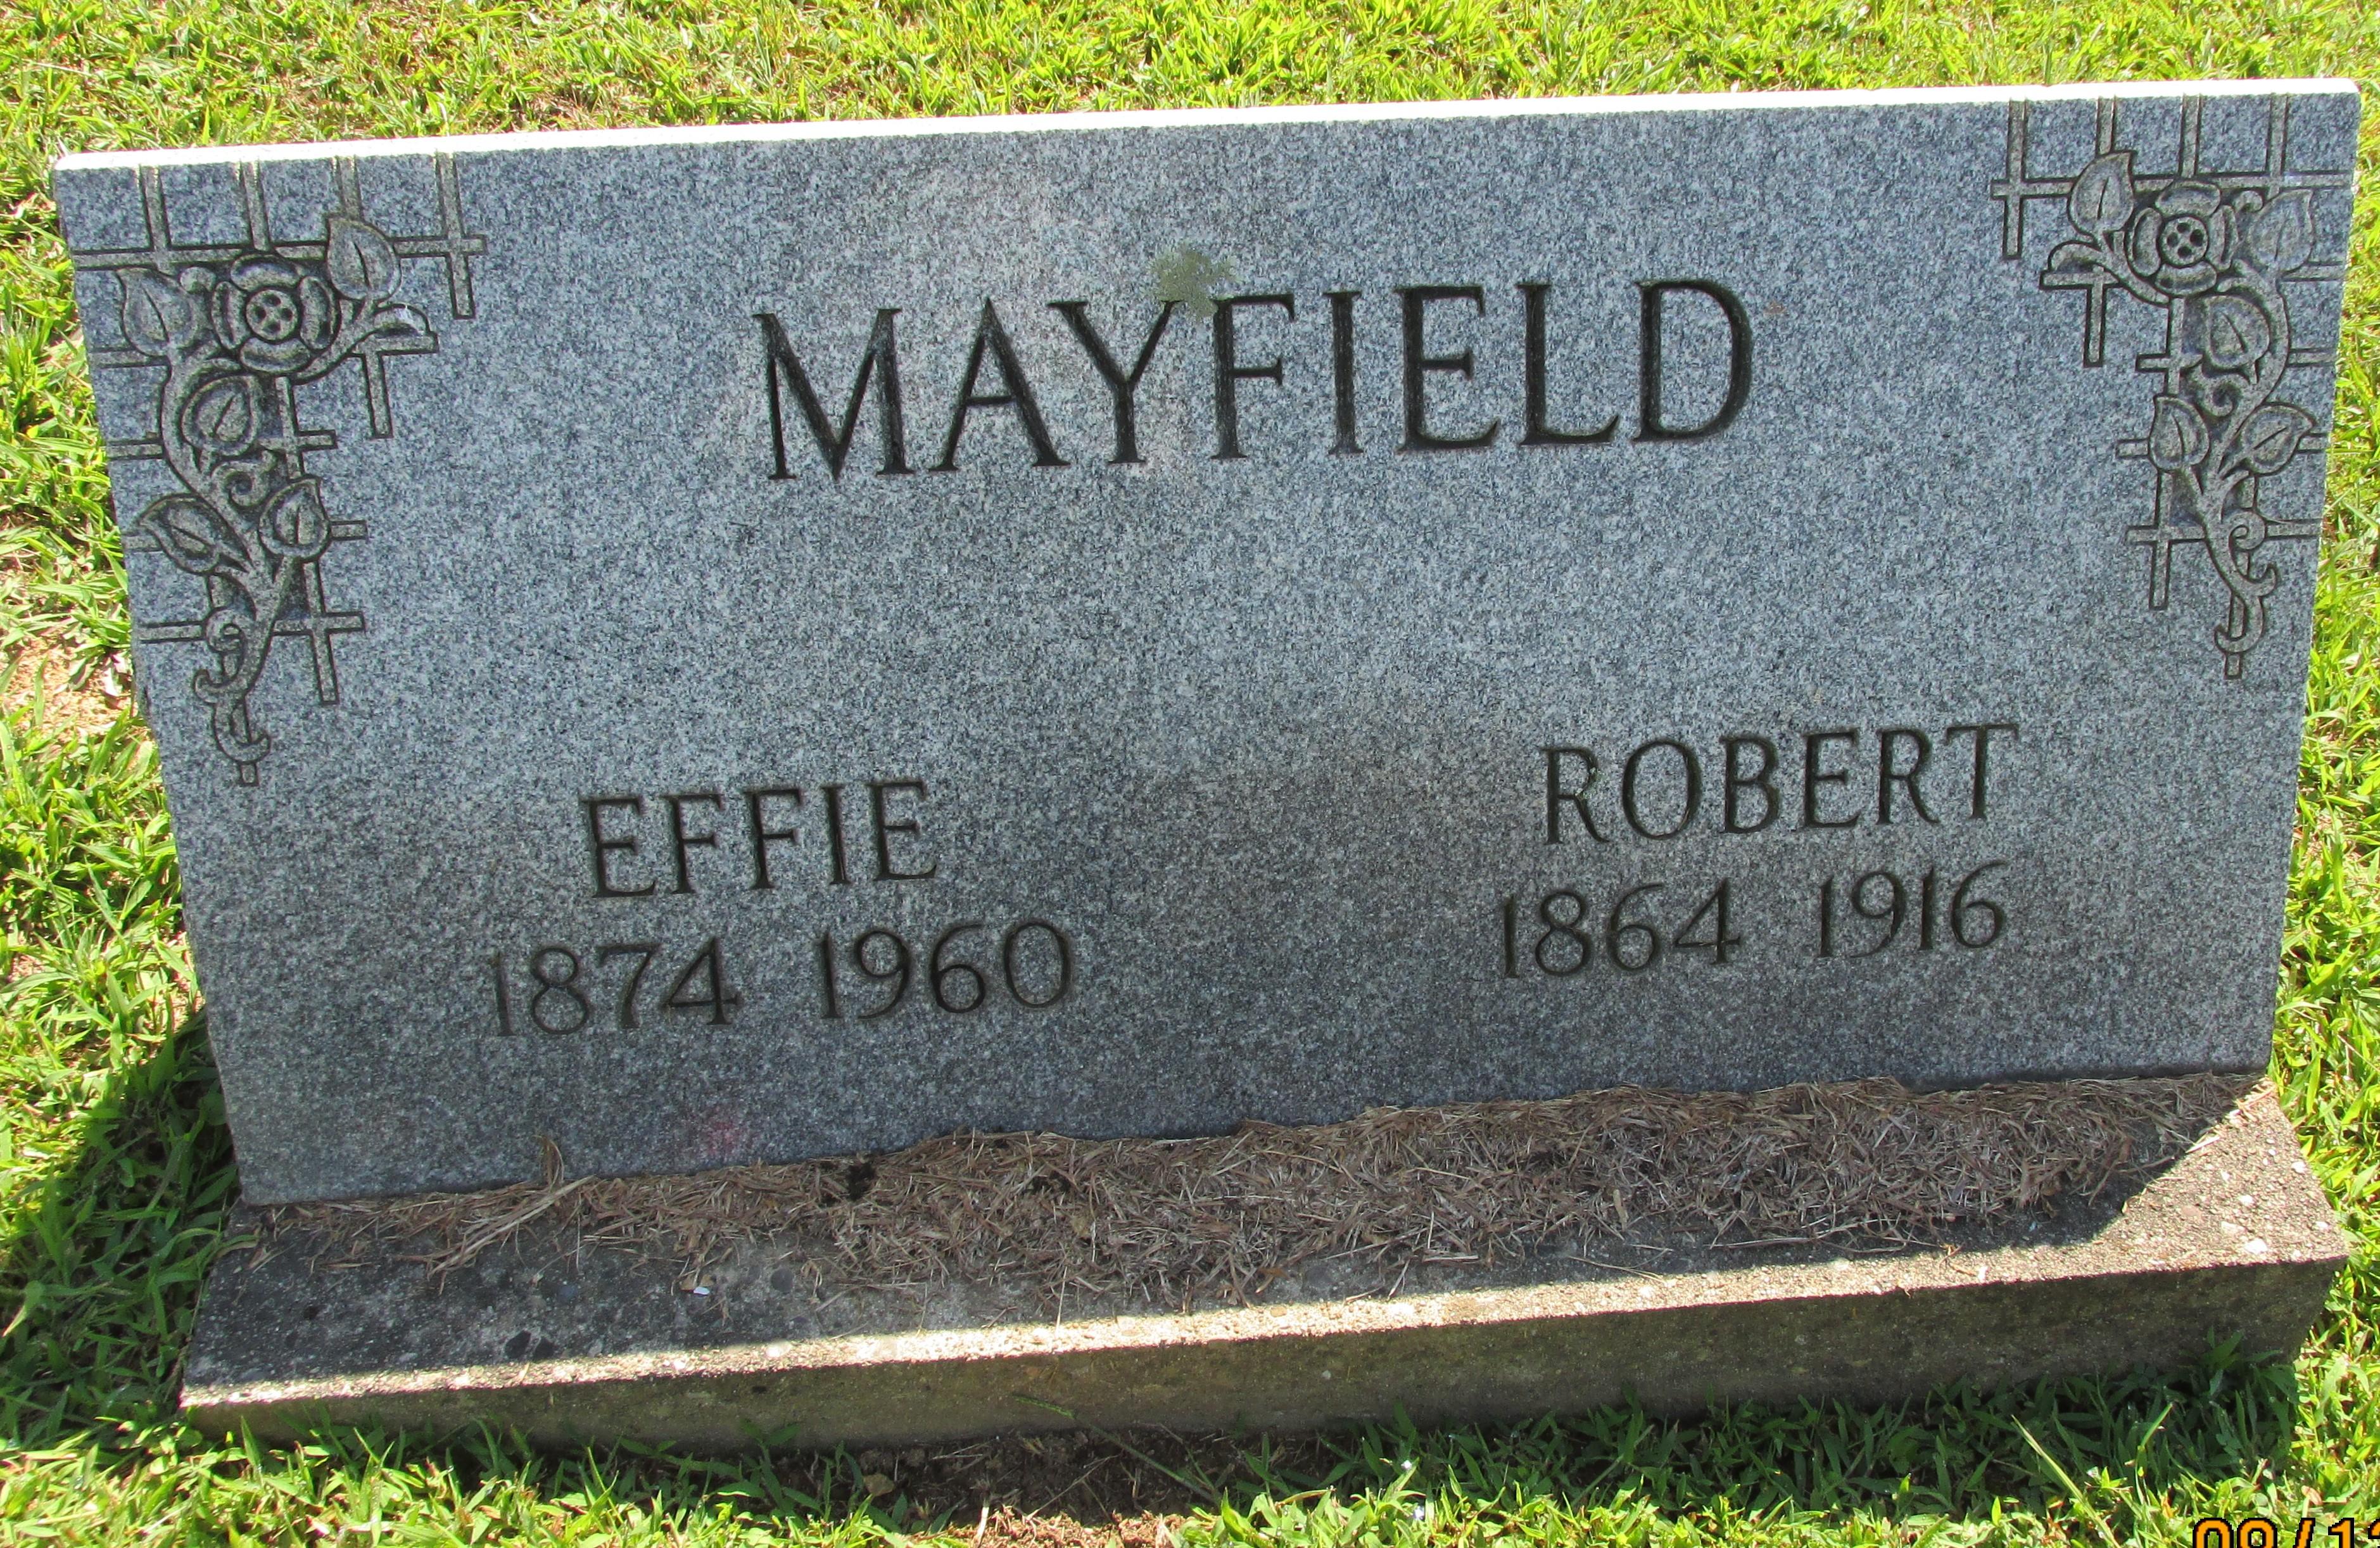 Effie Mayfield